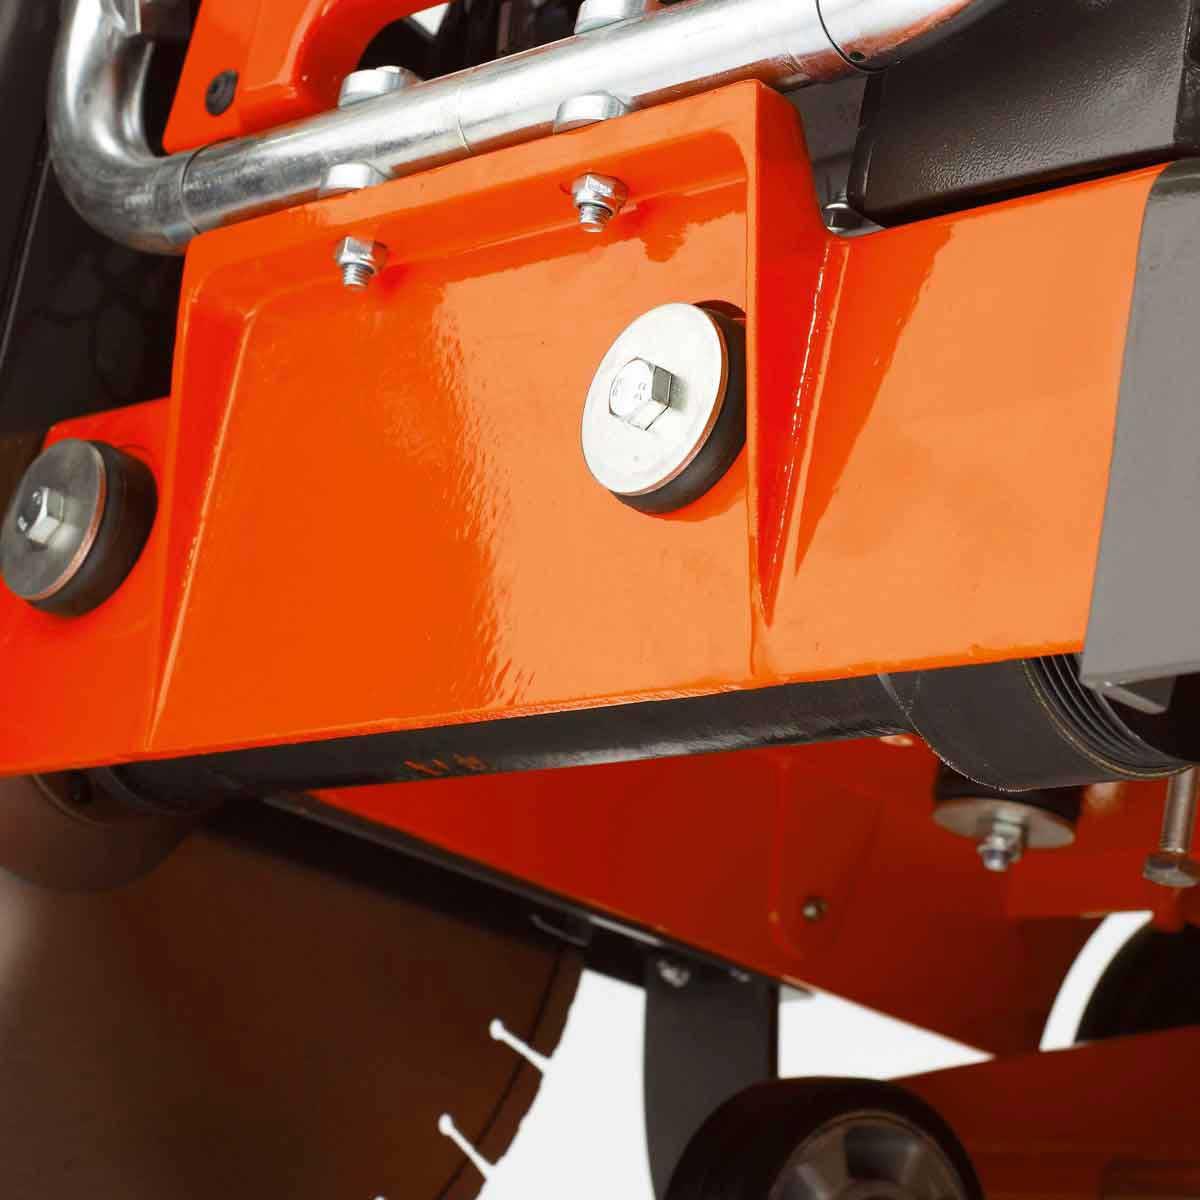 Husqvarna FS413 saw chassis